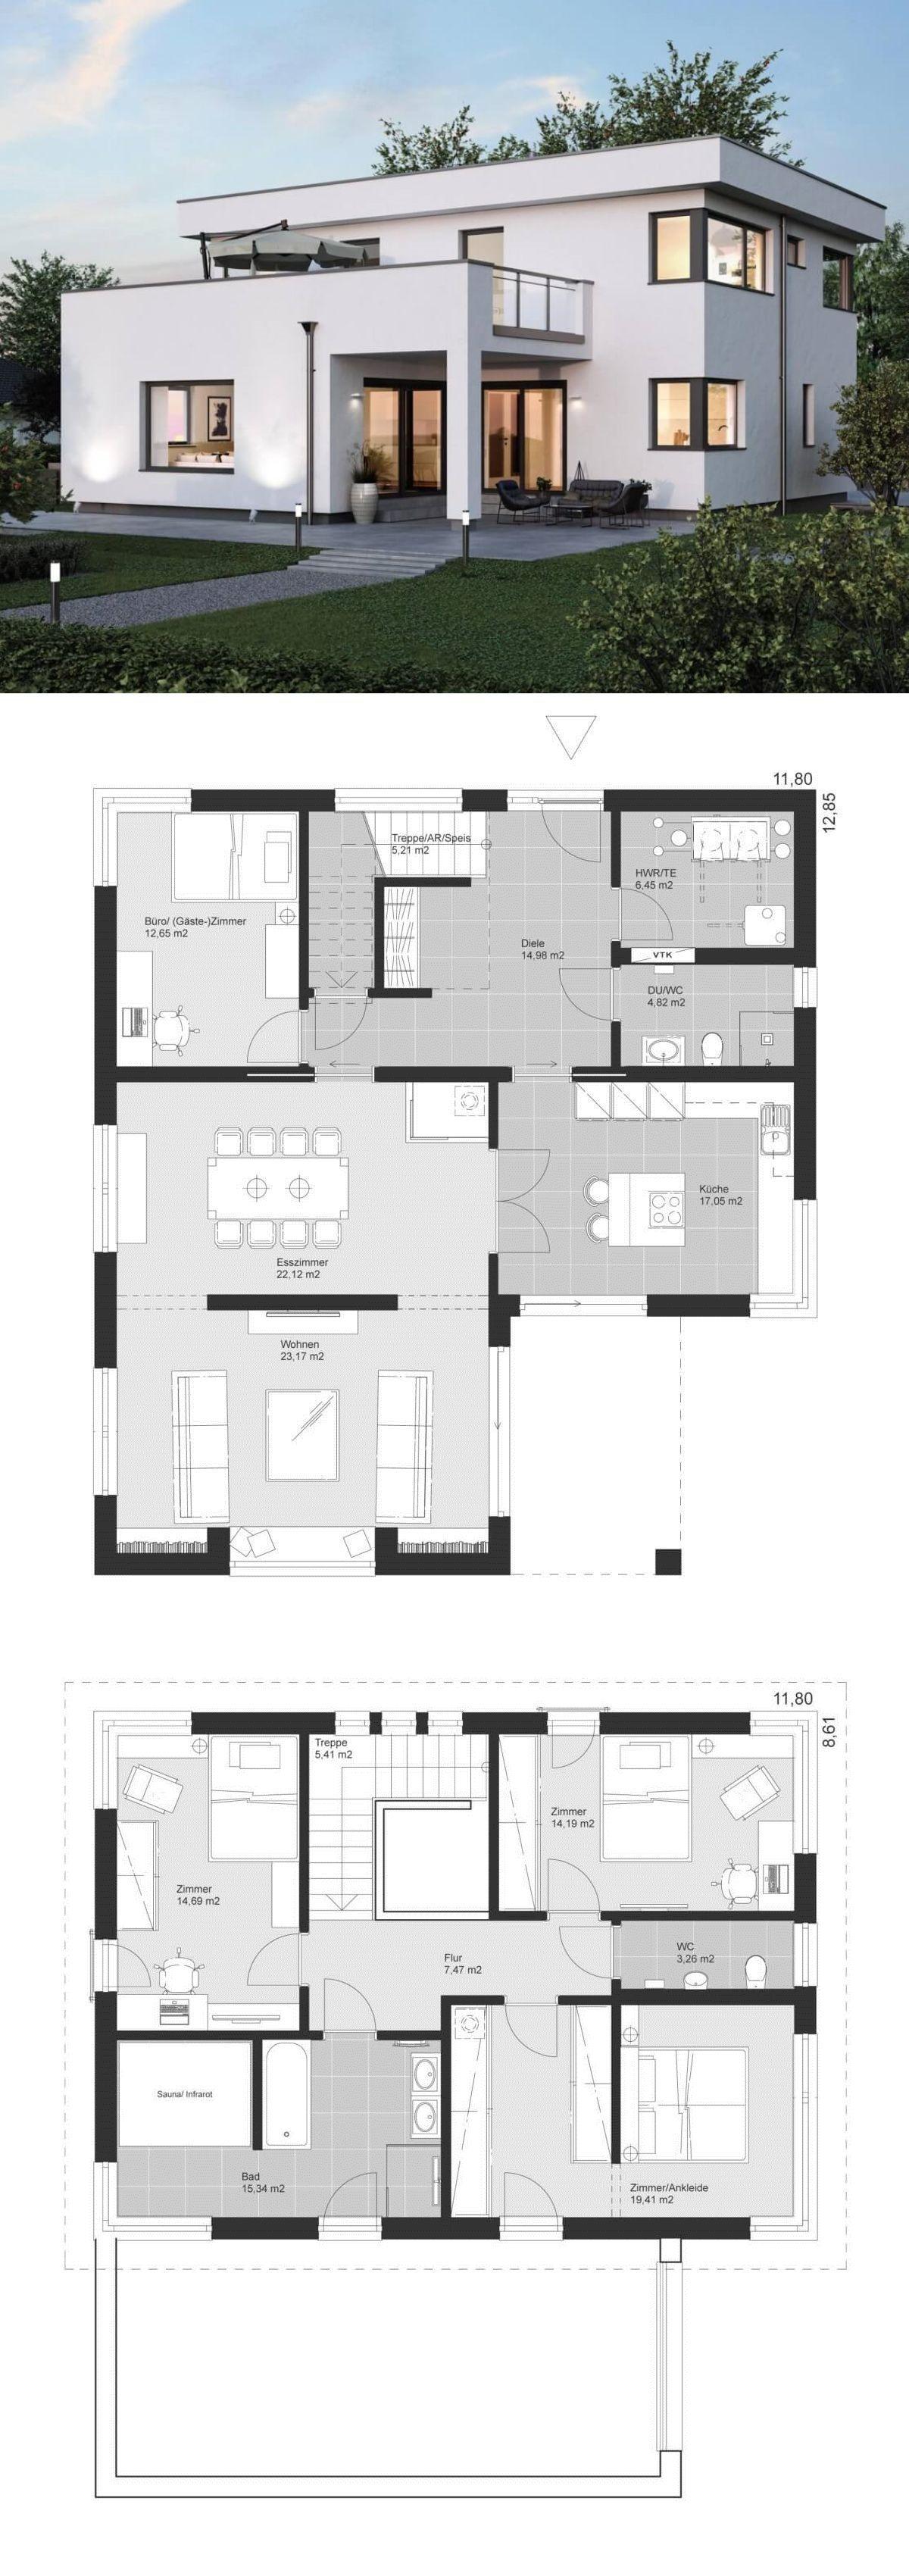 ELK Haus 186 mit Flachdach im Bauhausstil ELK Fertighaus